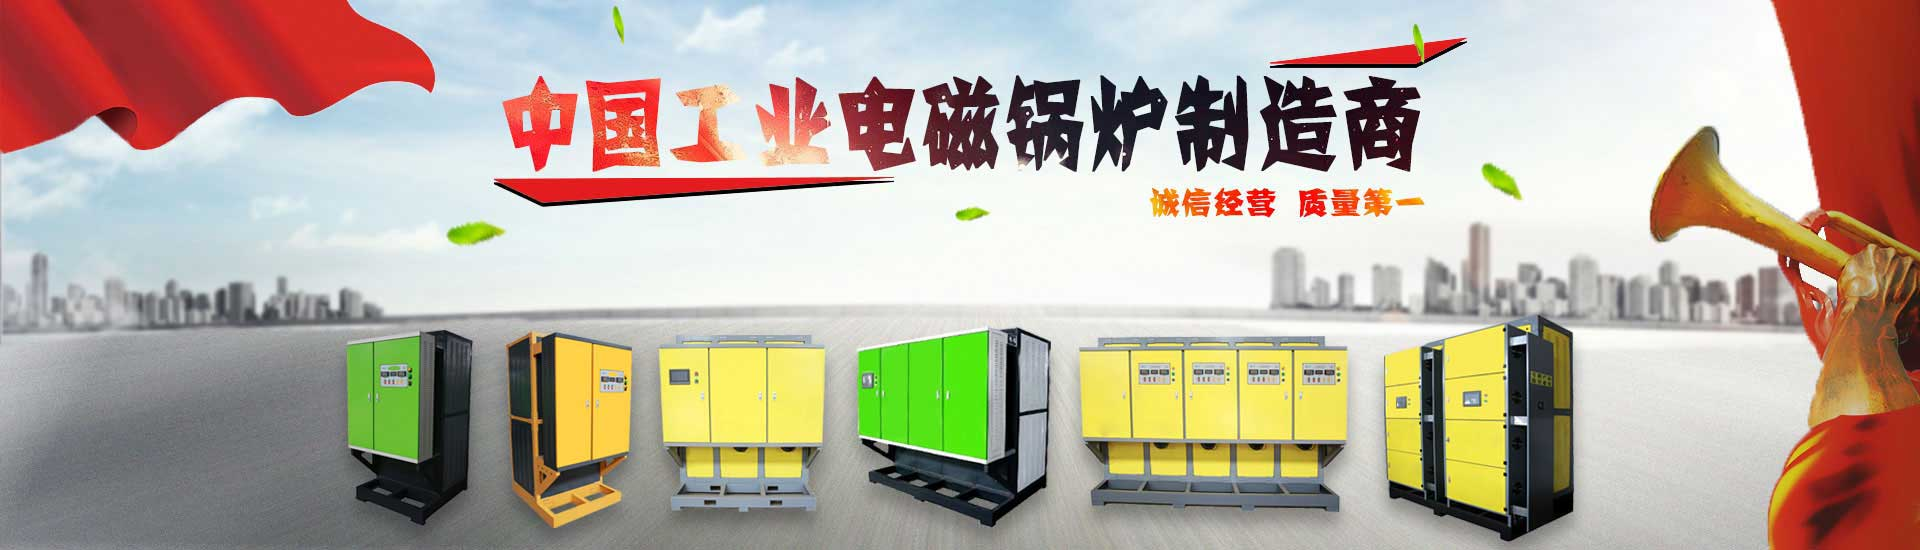 中guo工业锅炉制造商